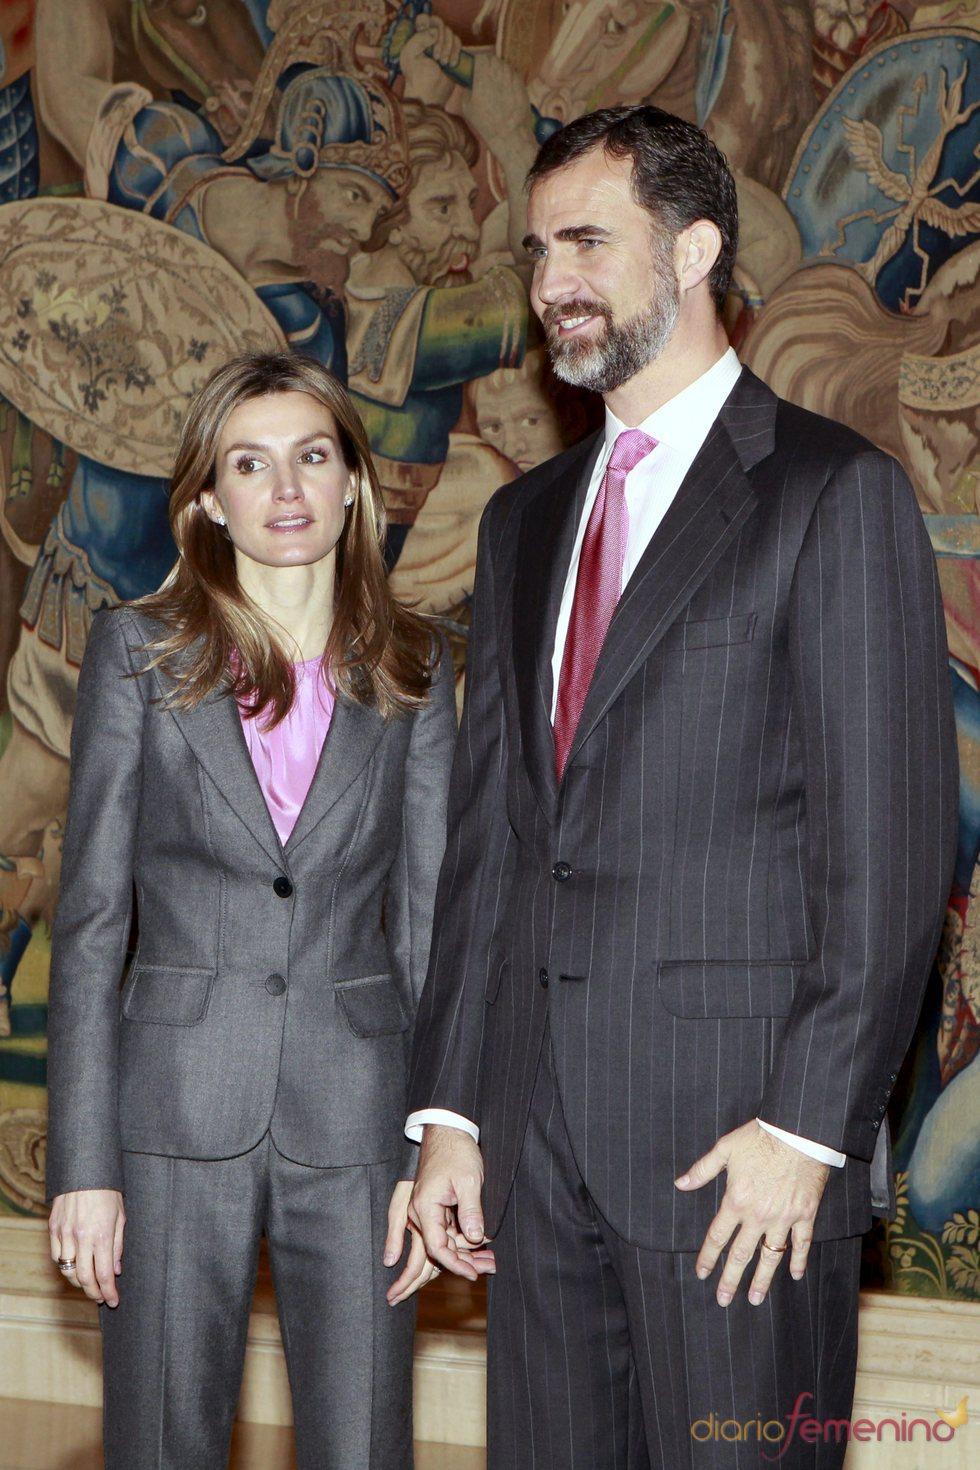 Los Príncipes de Asturias en el Palacio de la Zarzuela